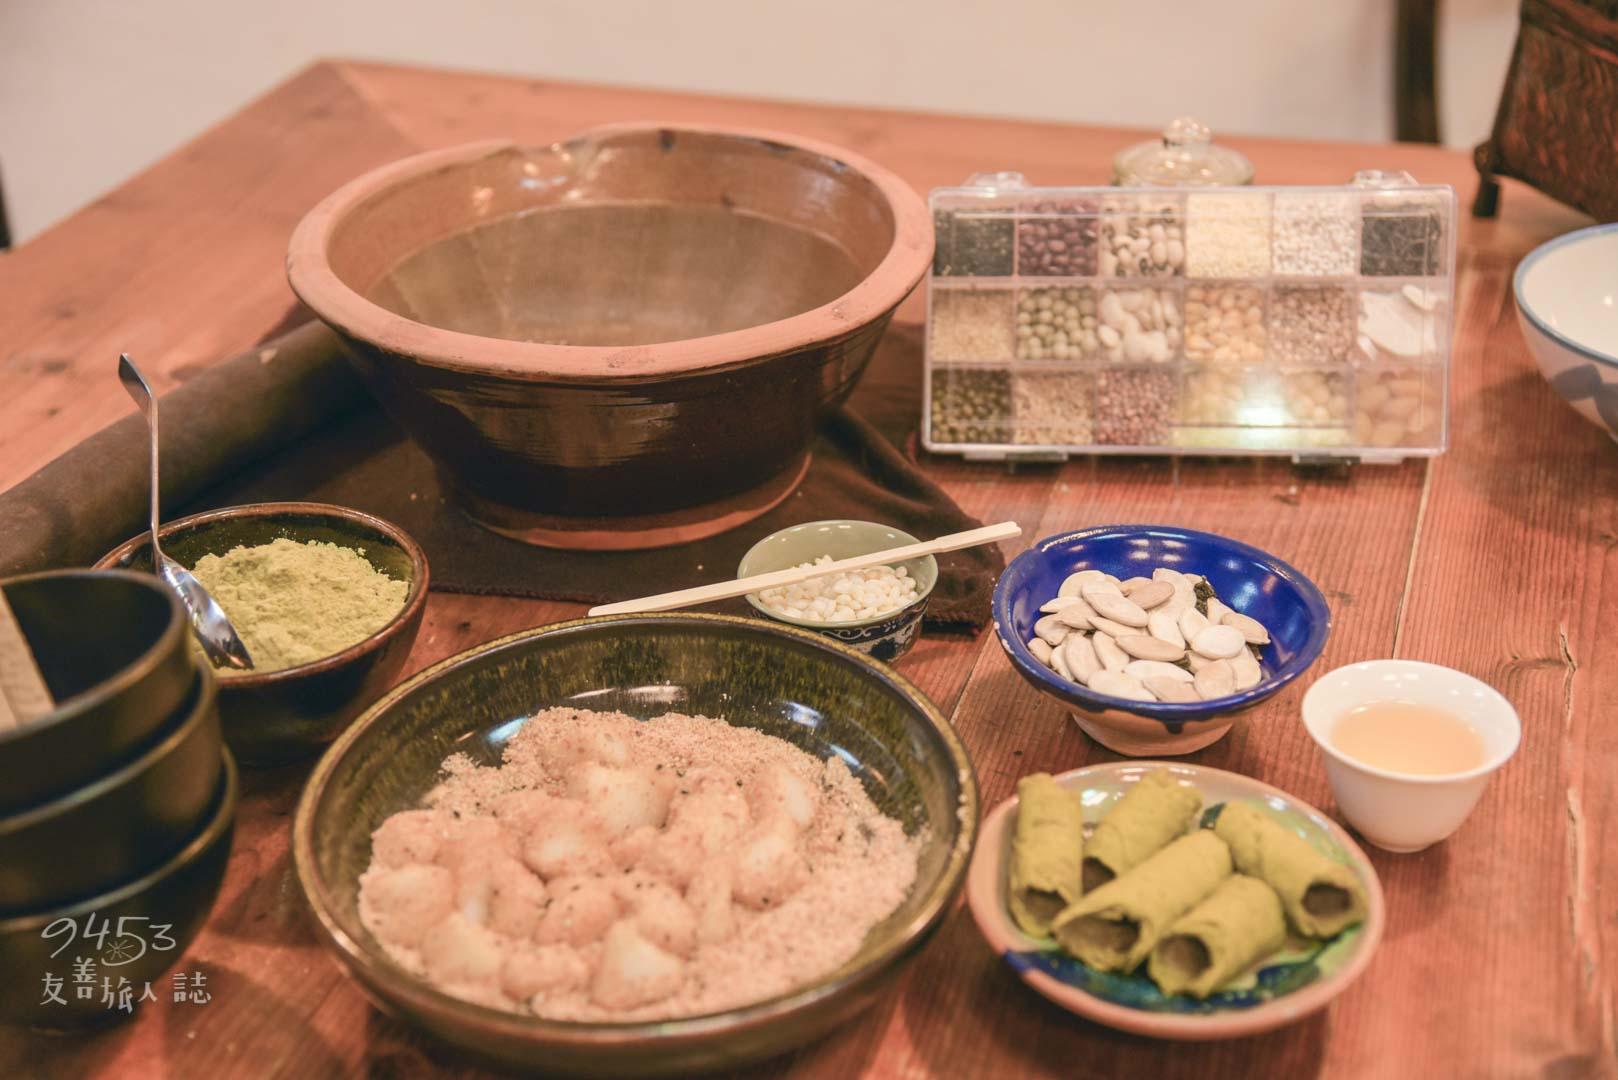 體驗最道地的擂茶DIY與客家茶點